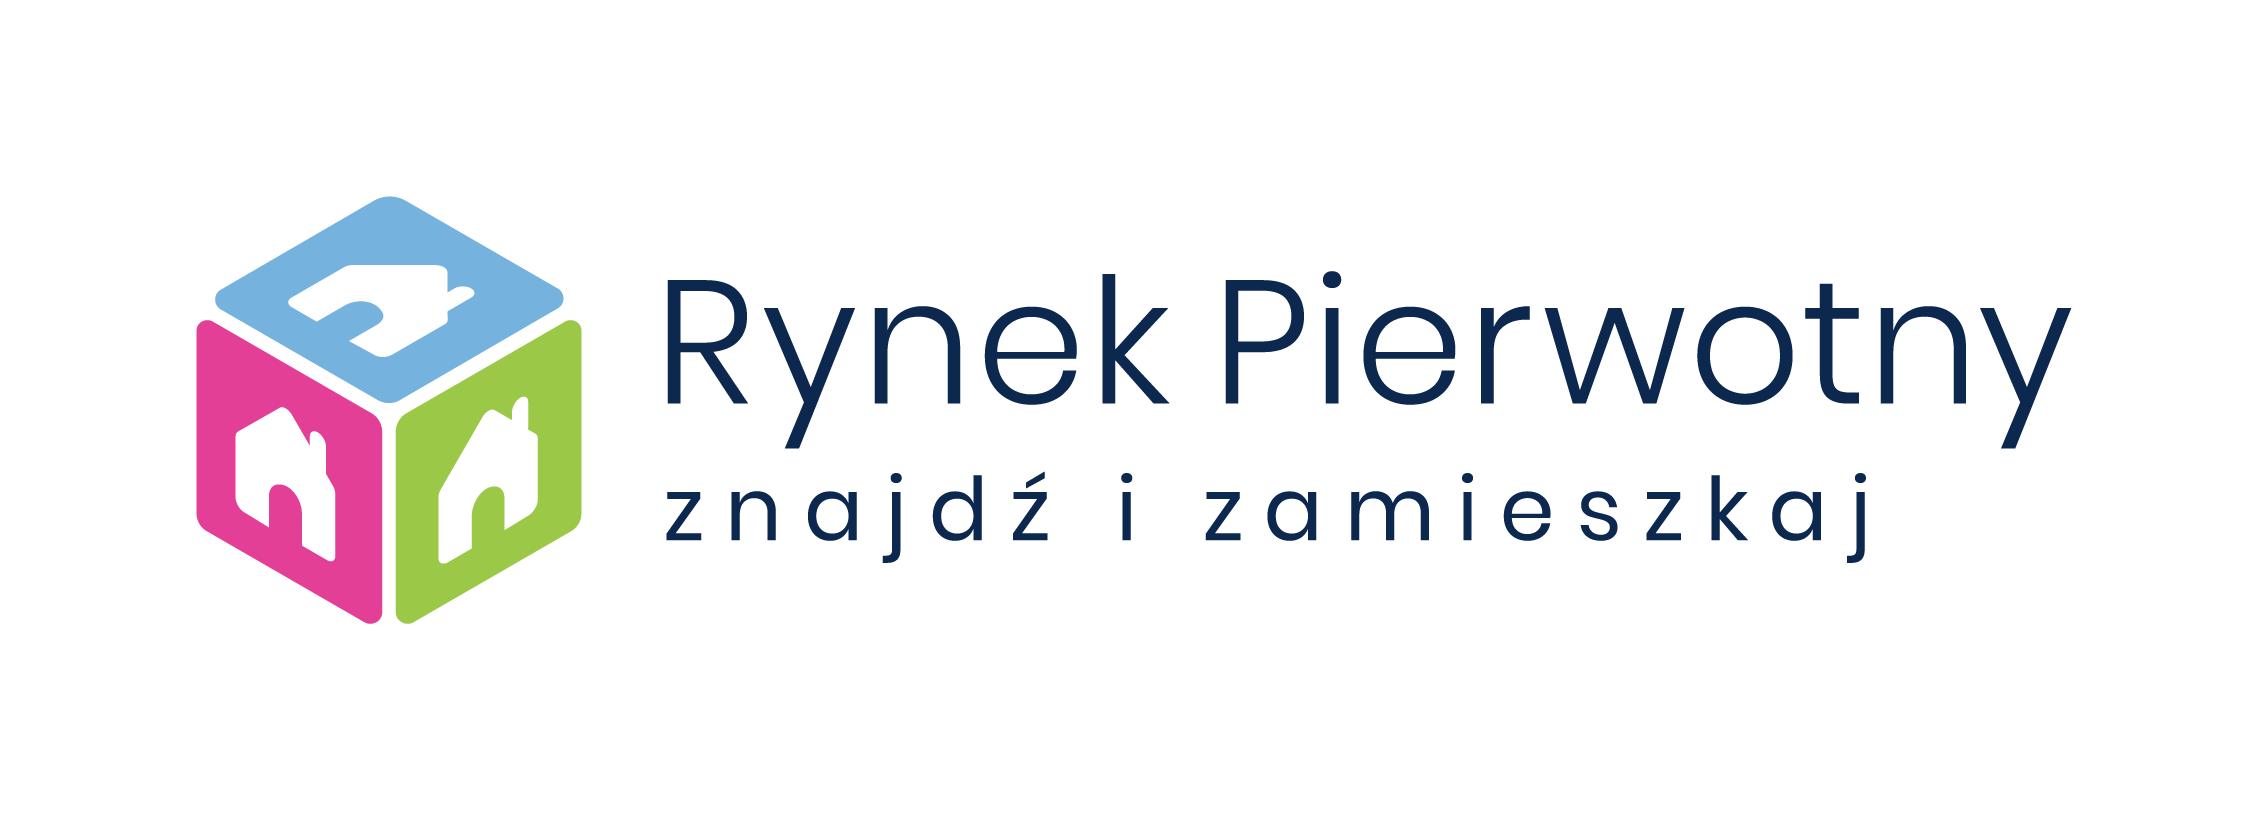 Logotyp-RynekPierwotny-no-claim-kolor-rgb